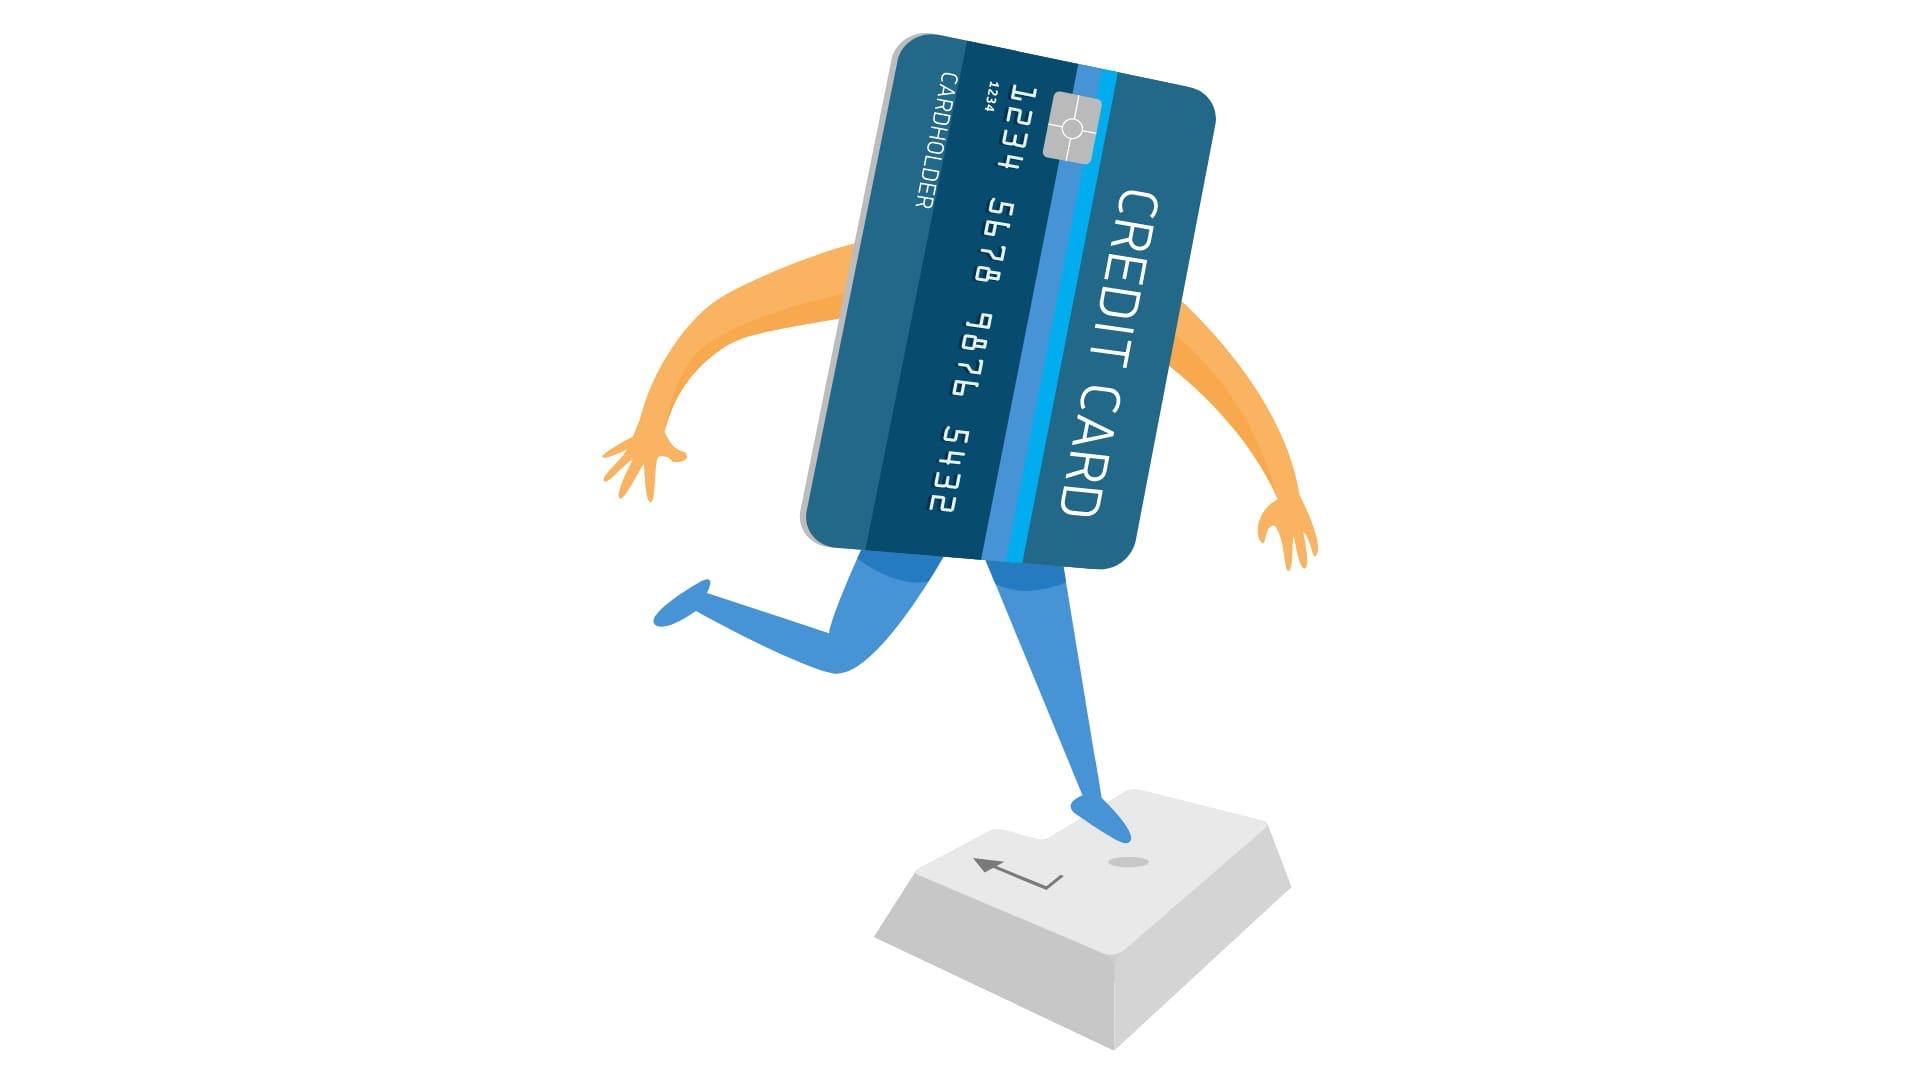 Ренессанс Жизнь выплатила задолженность по кредиту своего клиента